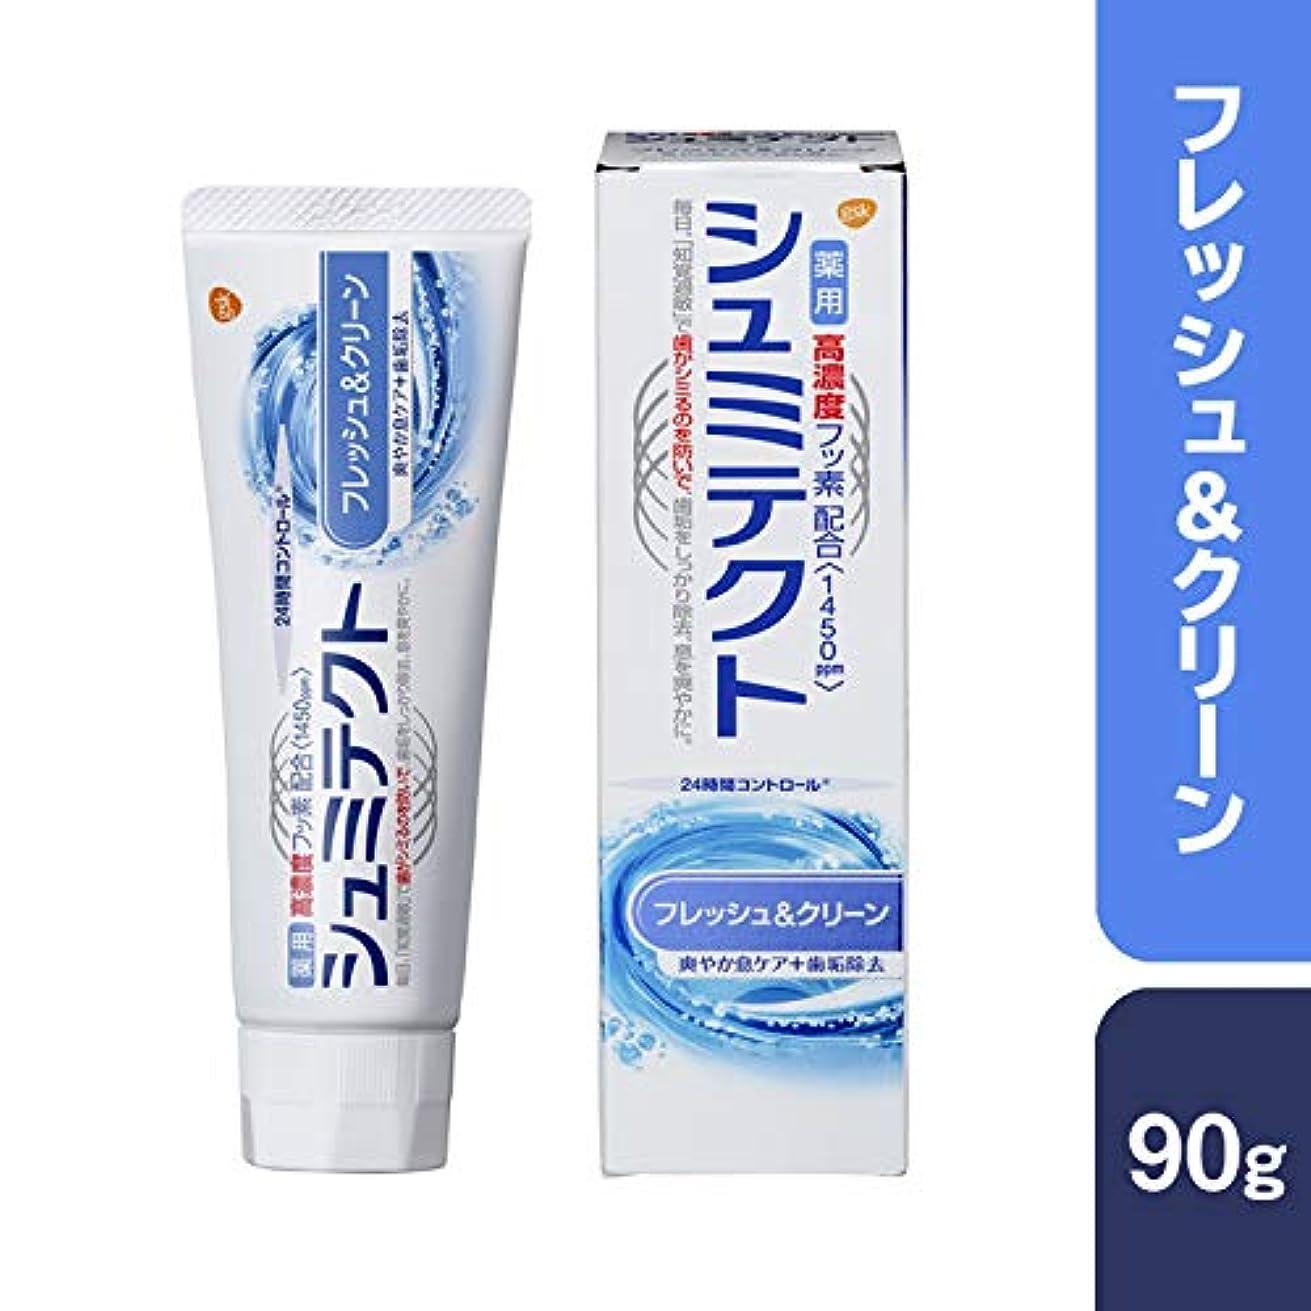 勝利した補償しおれた薬用シュミテクト フレッシュ&クリーン知覚過敏ケア 歯磨き粉【医薬部外品】 90g